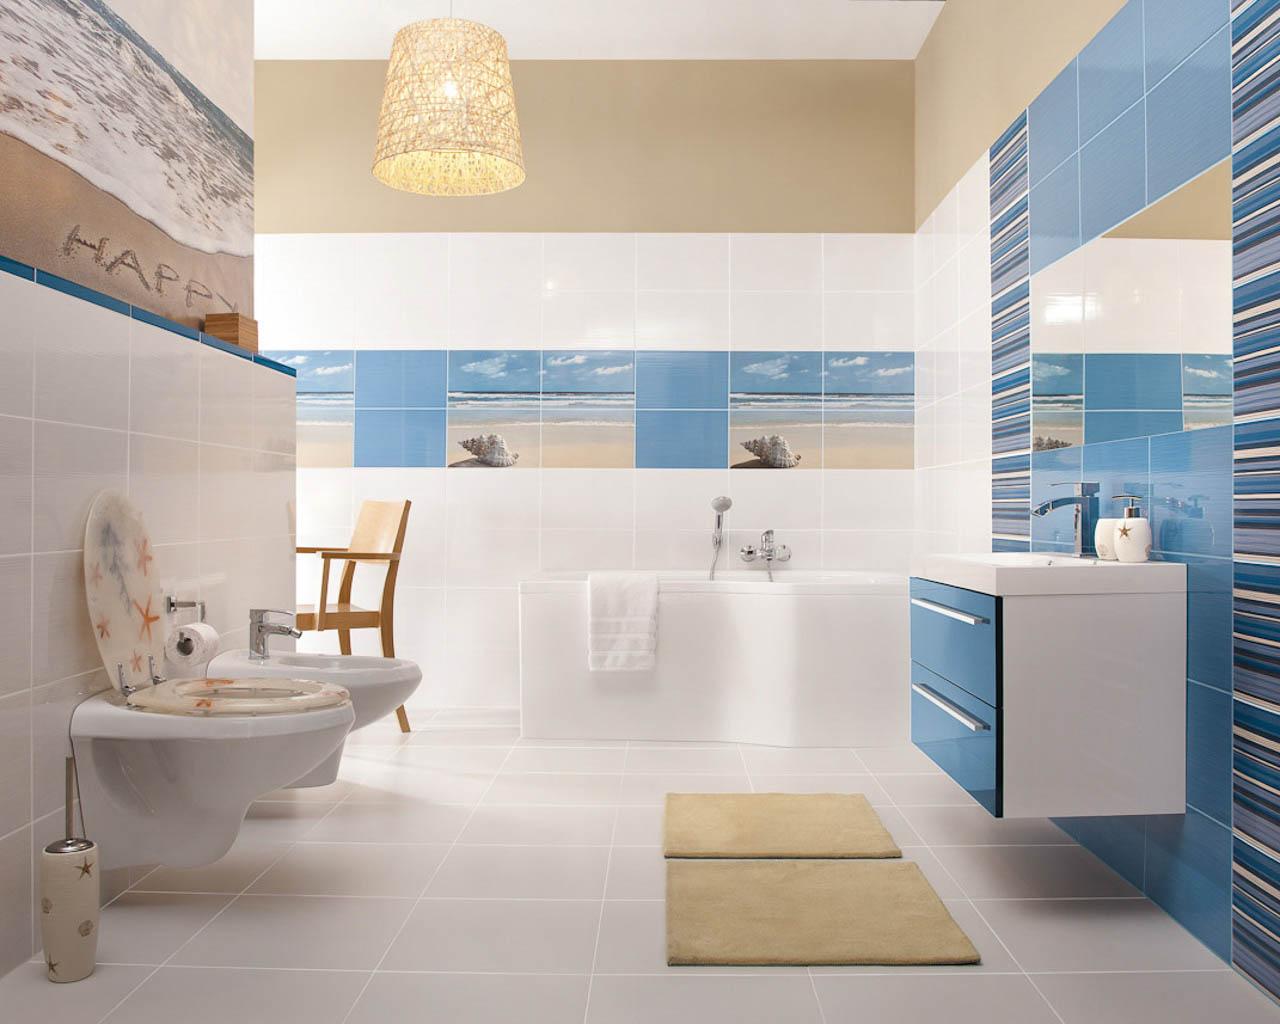 Biało-błękitna łazienka zmotywem plażowym